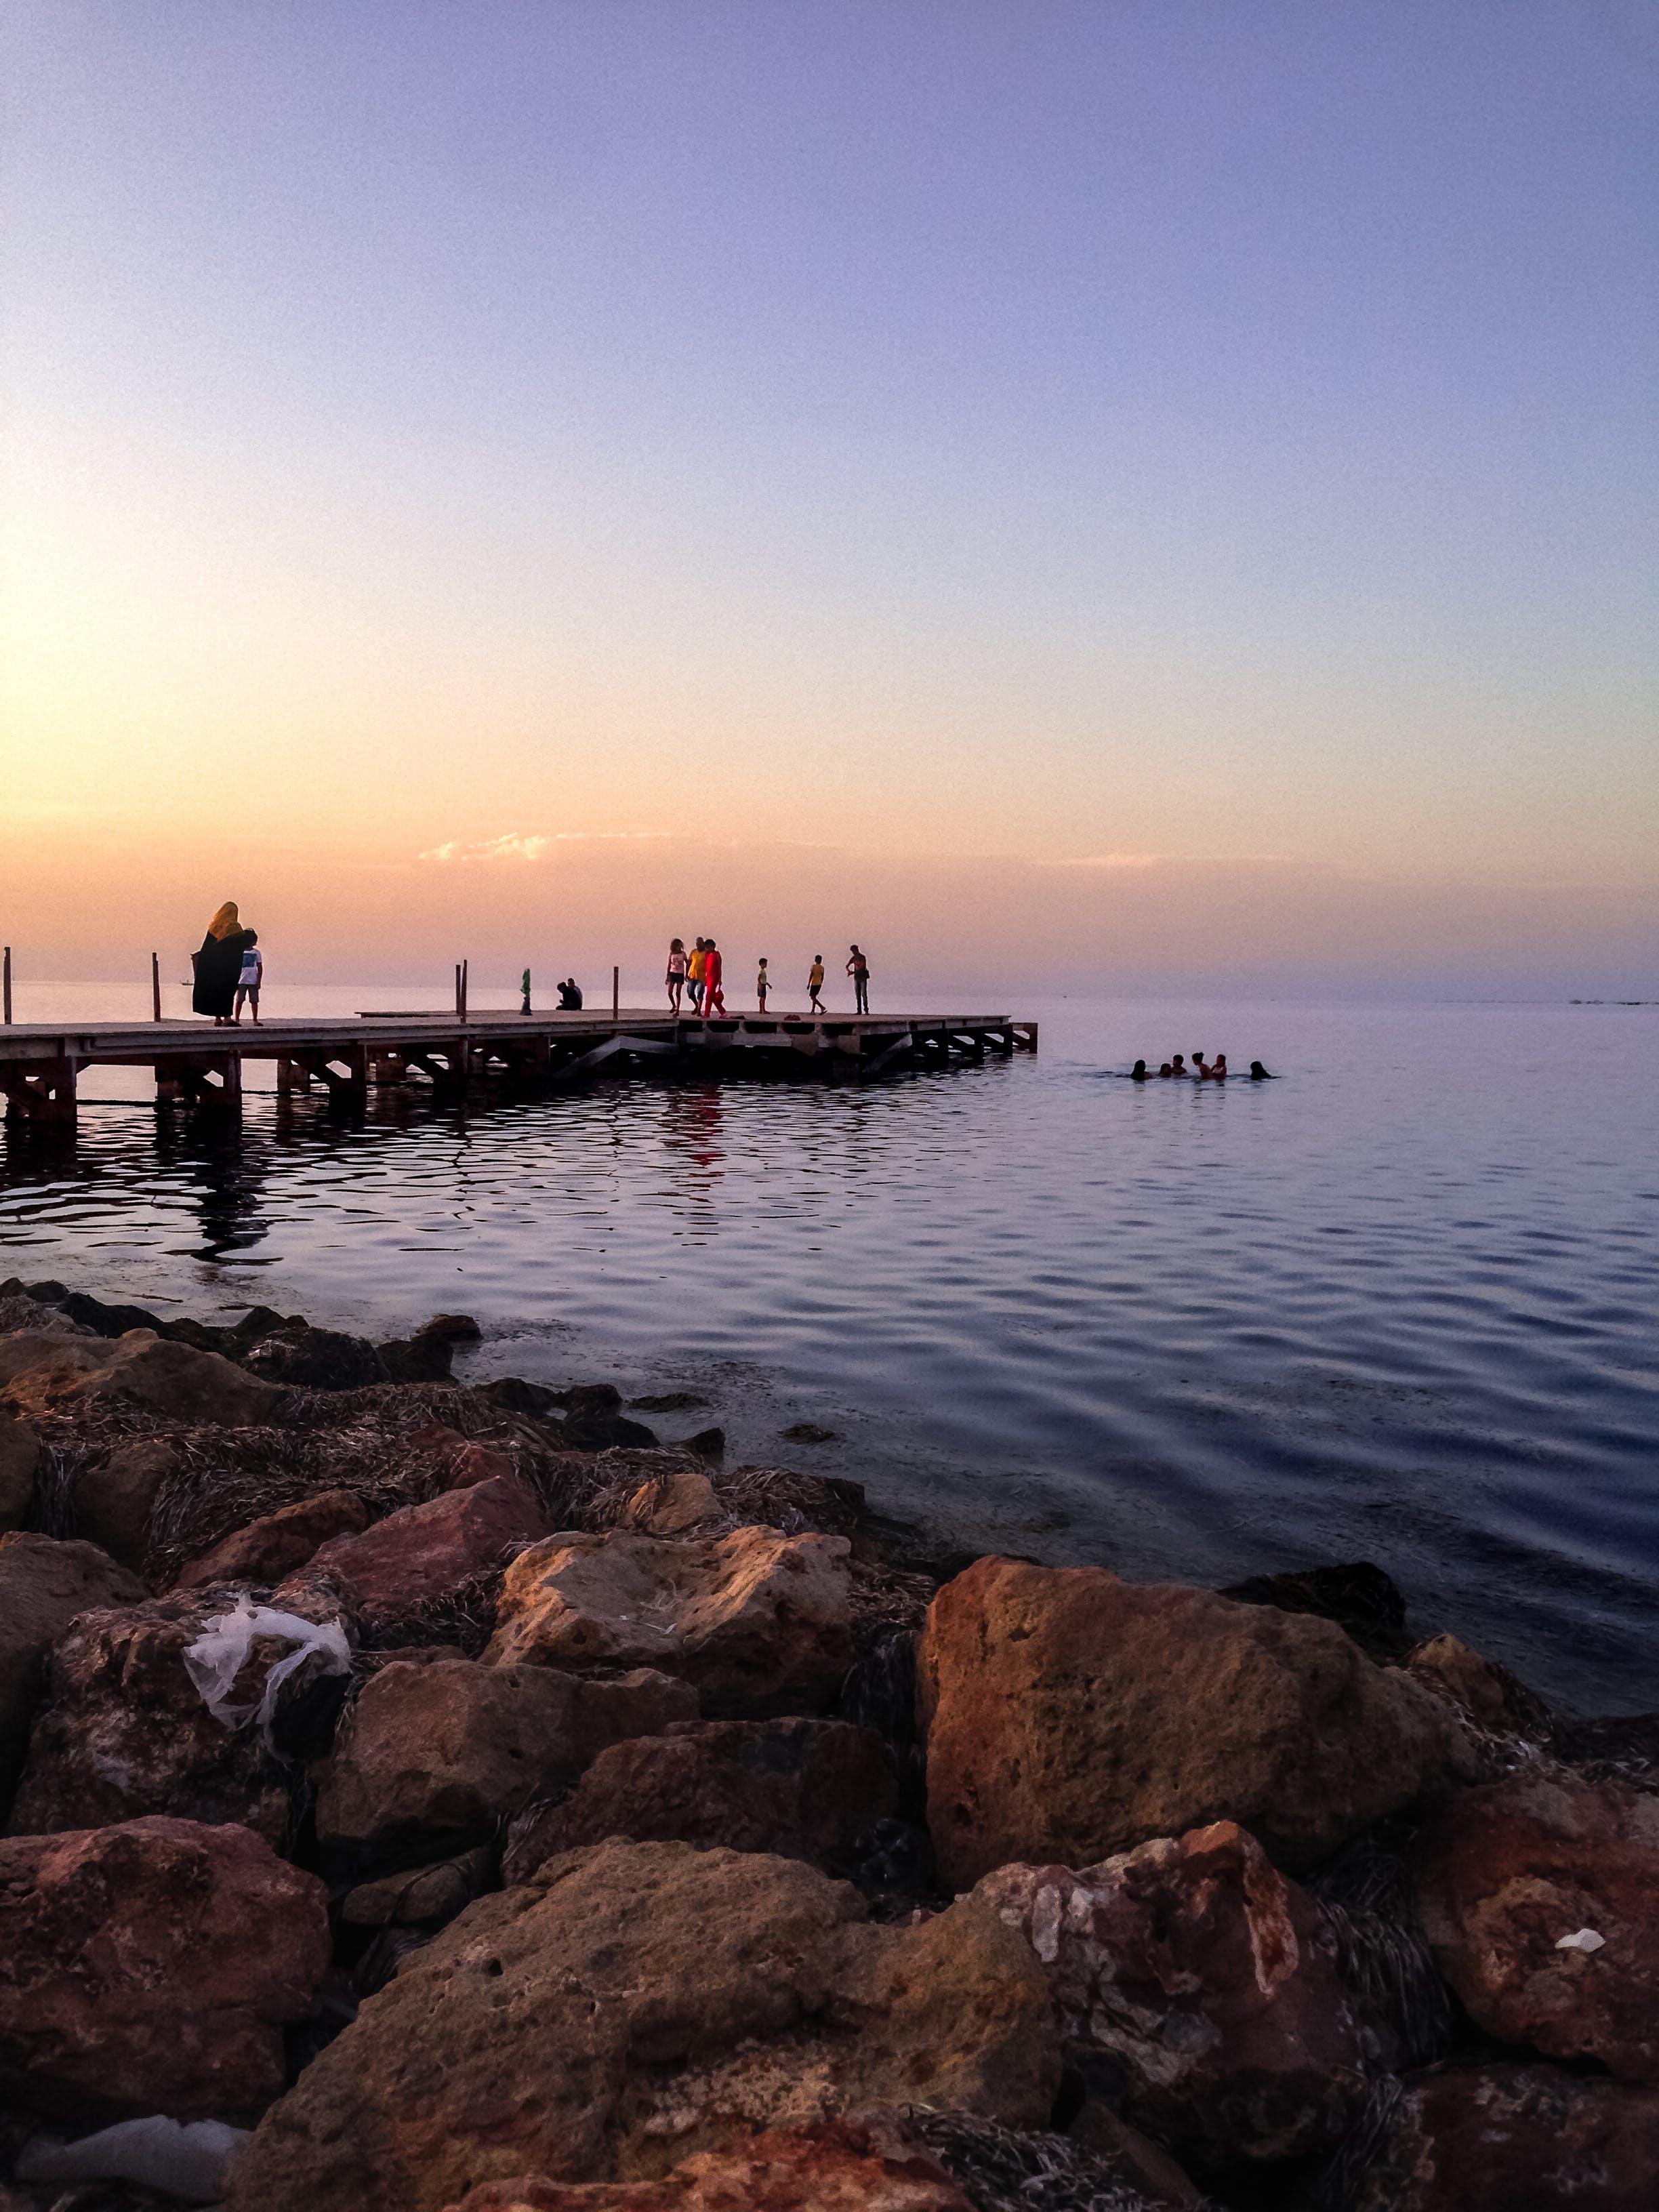 People Walking On Wooden Dock